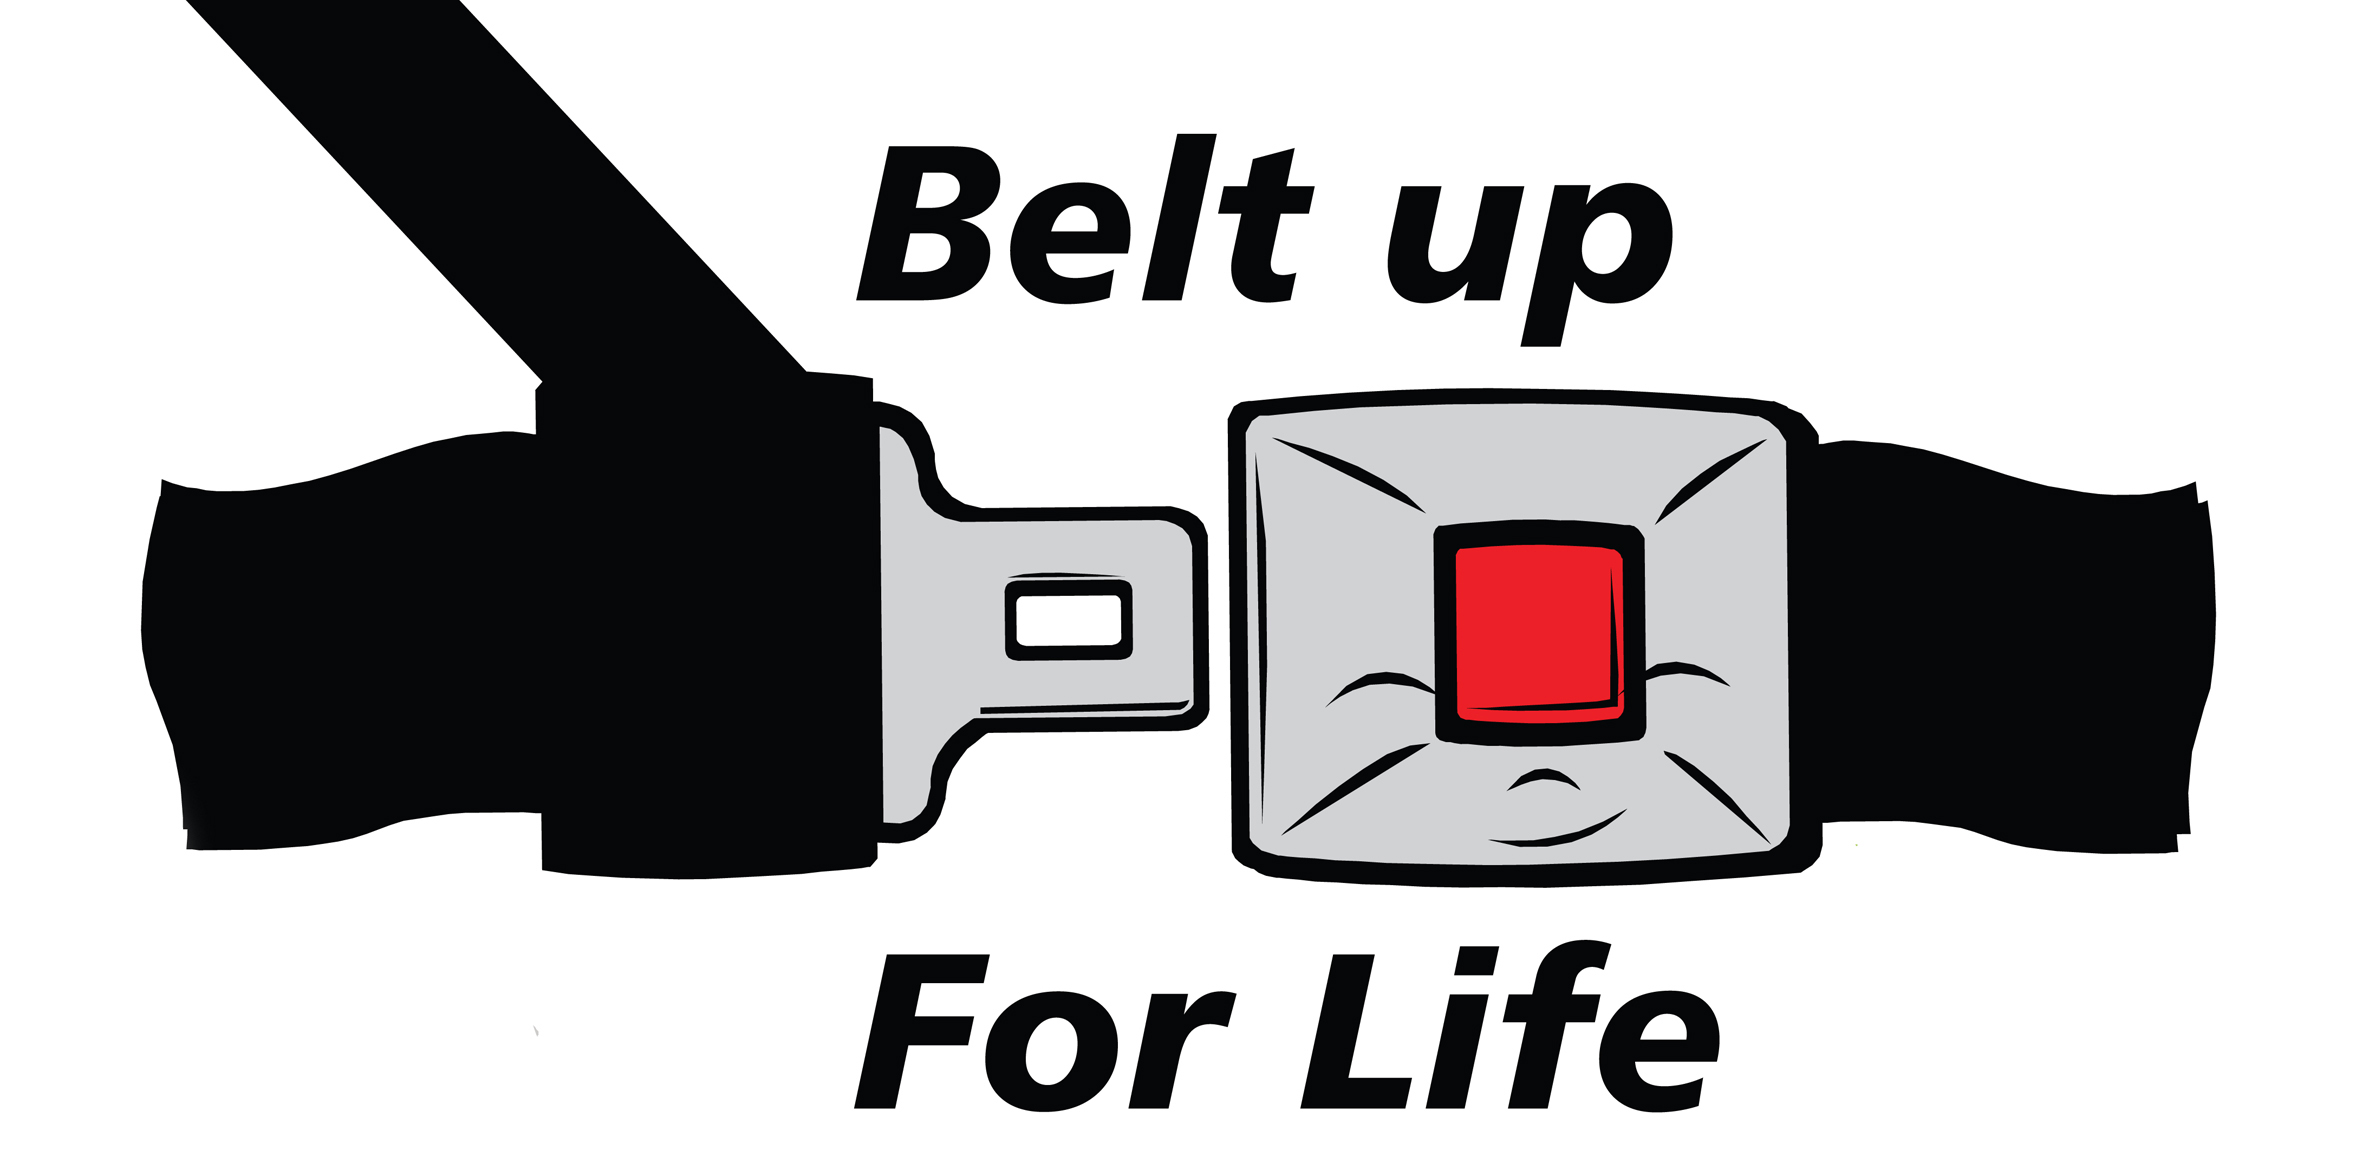 Wear seat belt clipart.